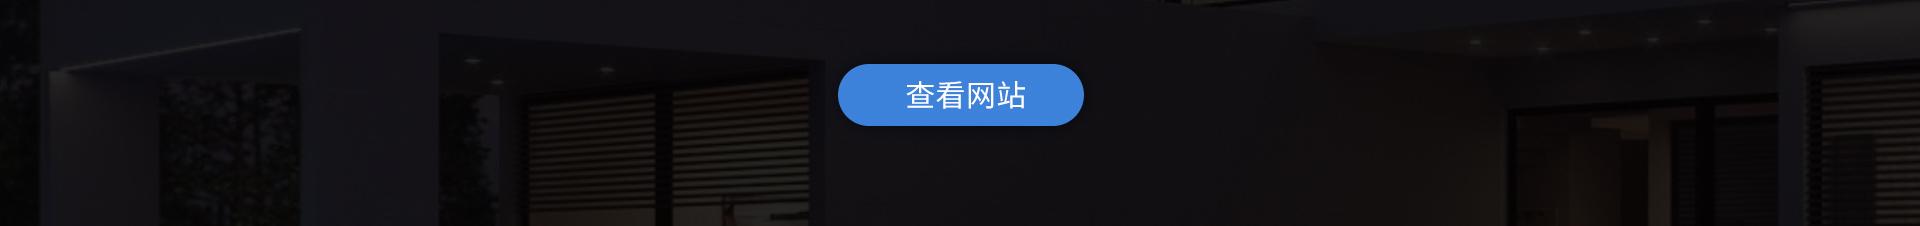 页面-陈斌-陈斌设计说明_02